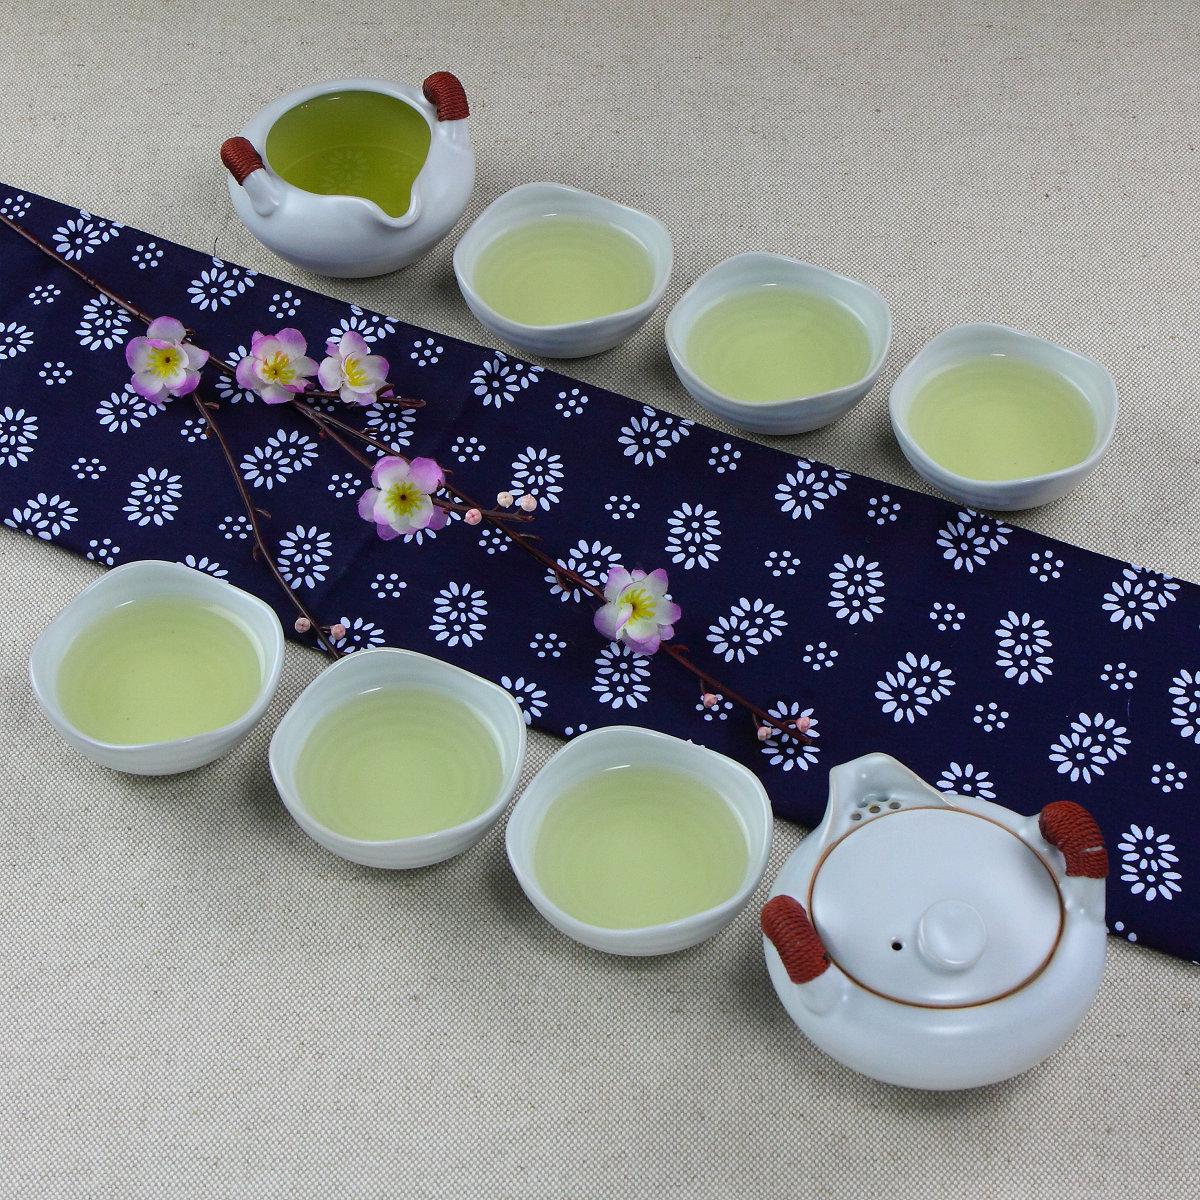 Заварочный чайник Ru руки чайник чайником ru кунг-фу чайные сервизы встретиться сокровище горшок, горшок и два Кубка УЕФА